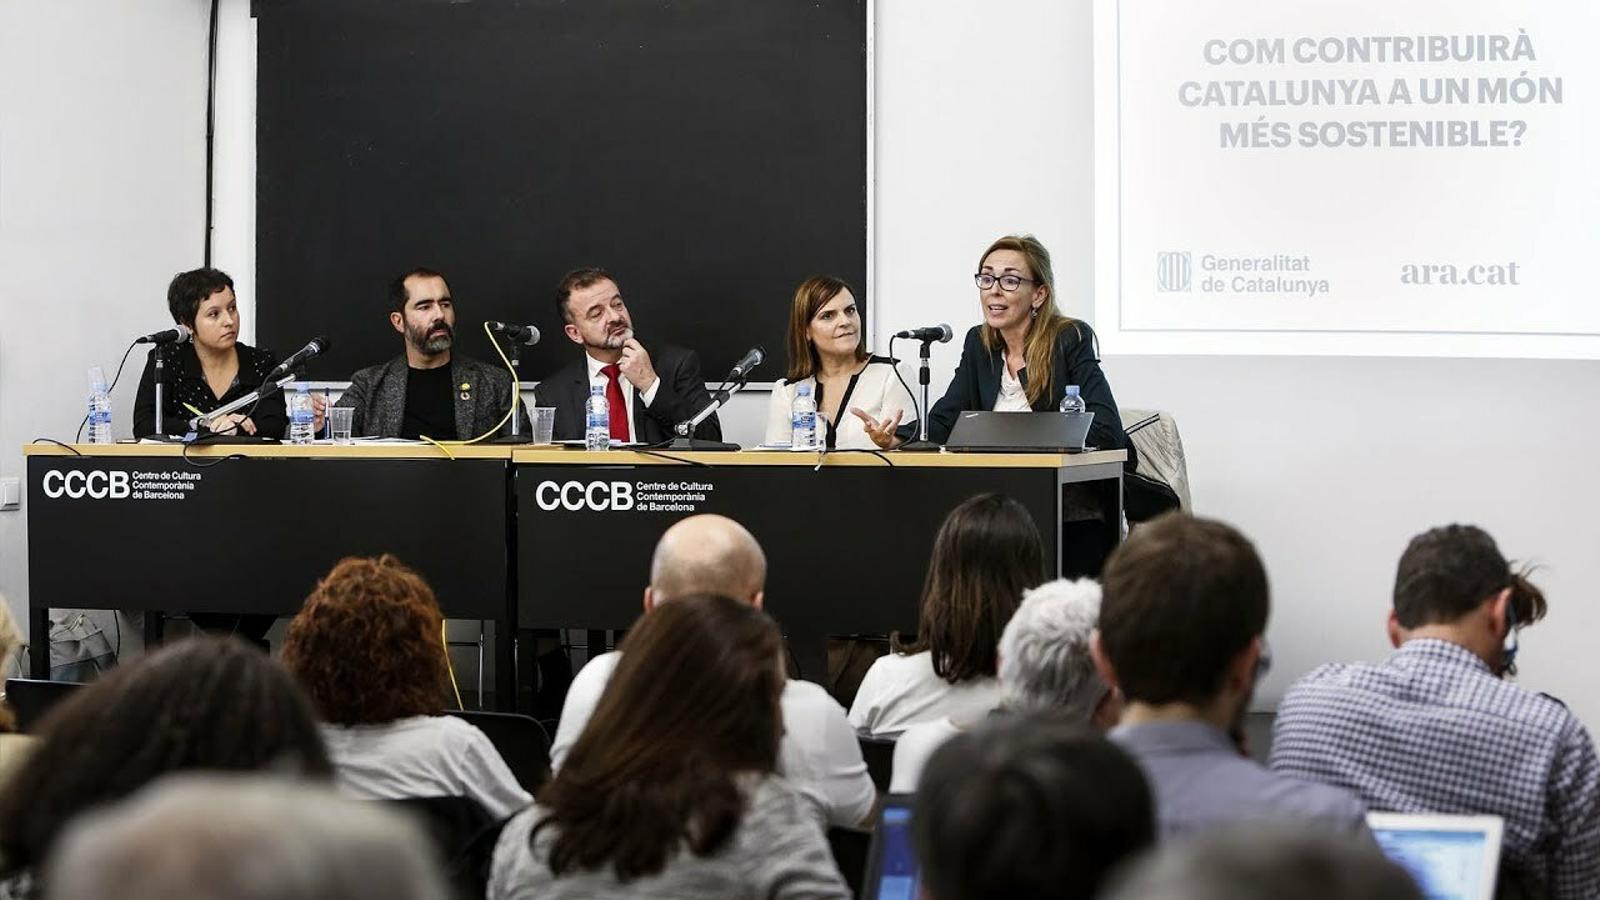 Agenda 2030: Com contribuirà Catalunya a un món més sostenible?